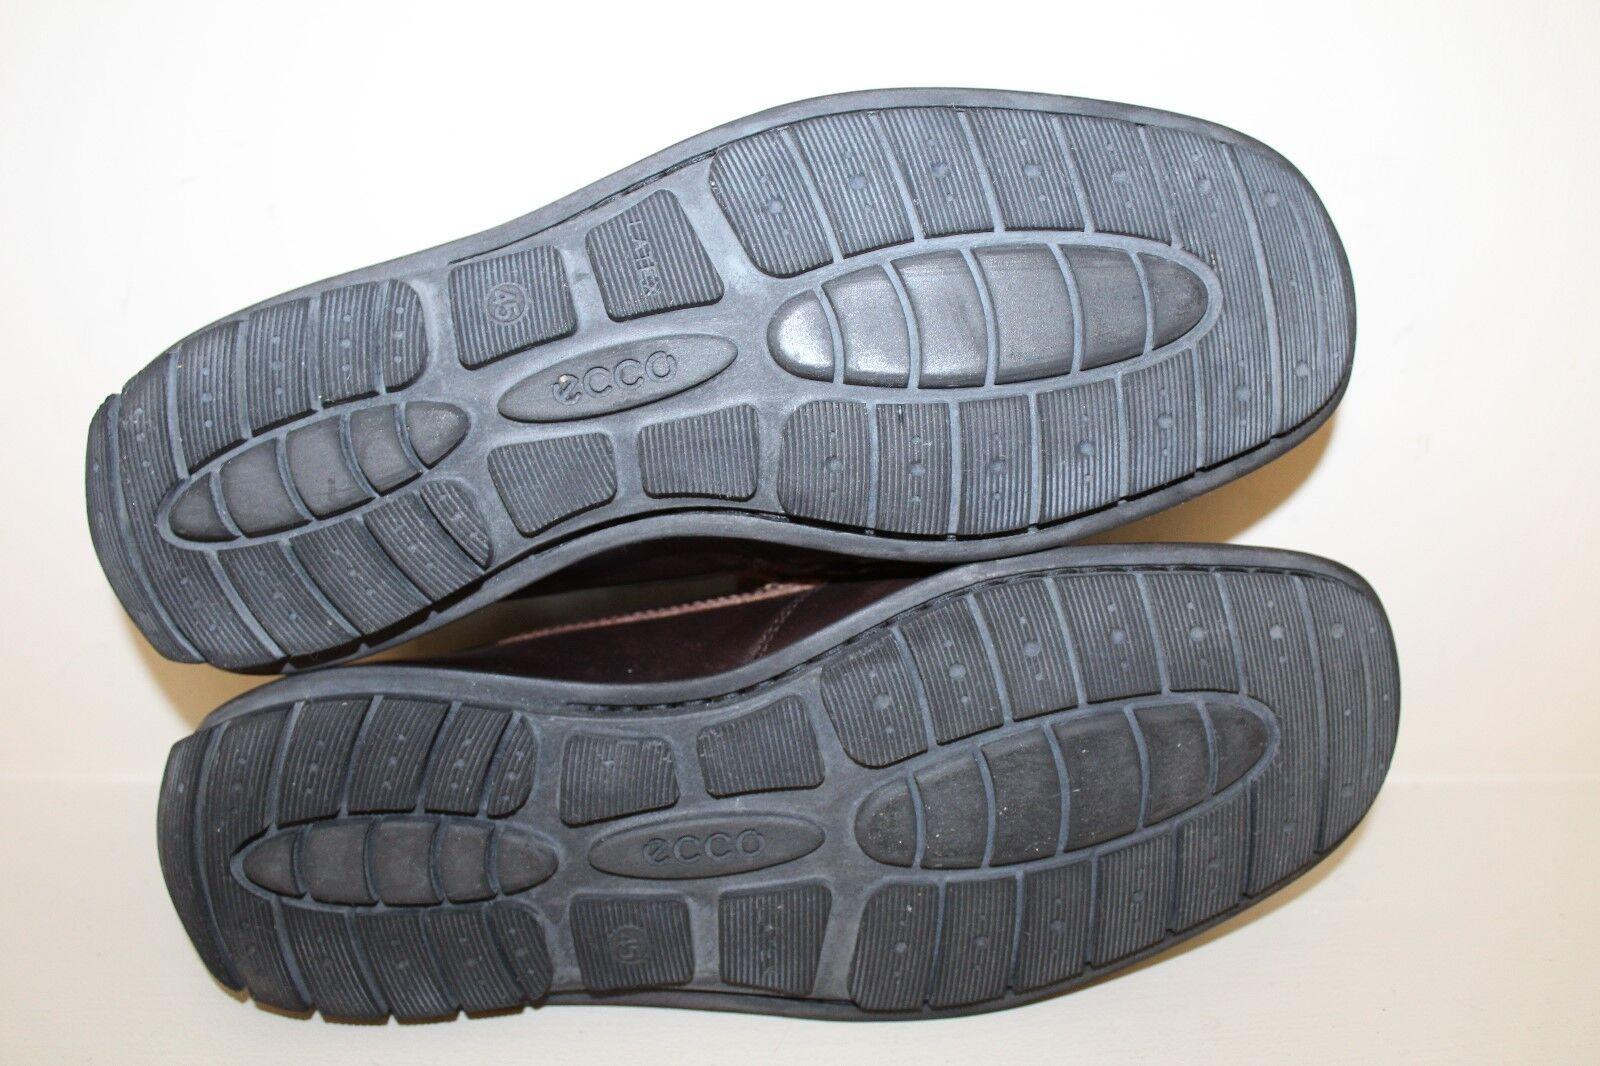 Ecco  Herren Loafer Schuhes Sz 11 - 11.5 11.5 11.5 / 45 Braun Leder Moc Toe Slip On Driving 45d813